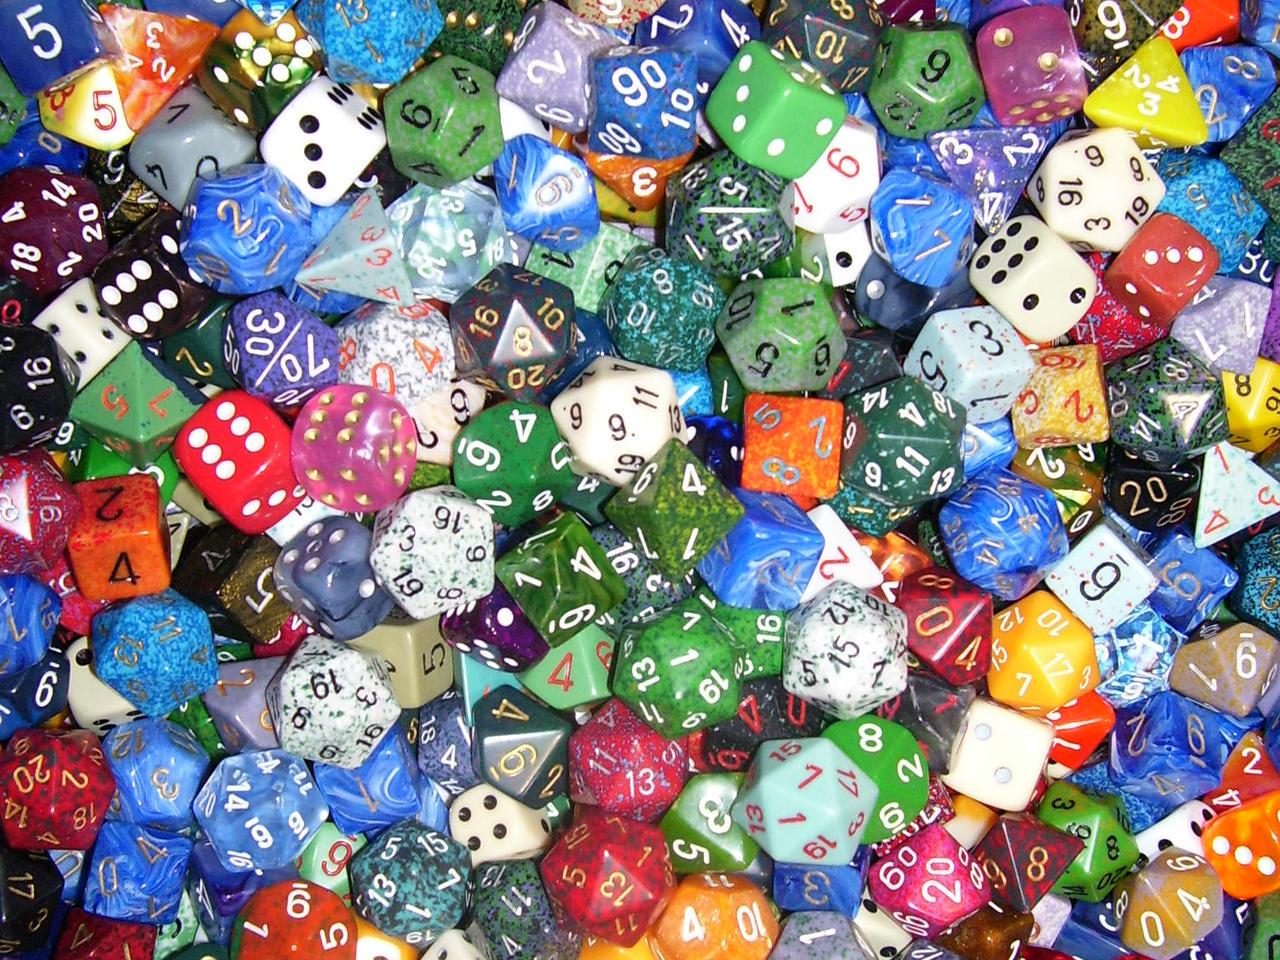 dice wallpaper by autobotjazz on deviantart